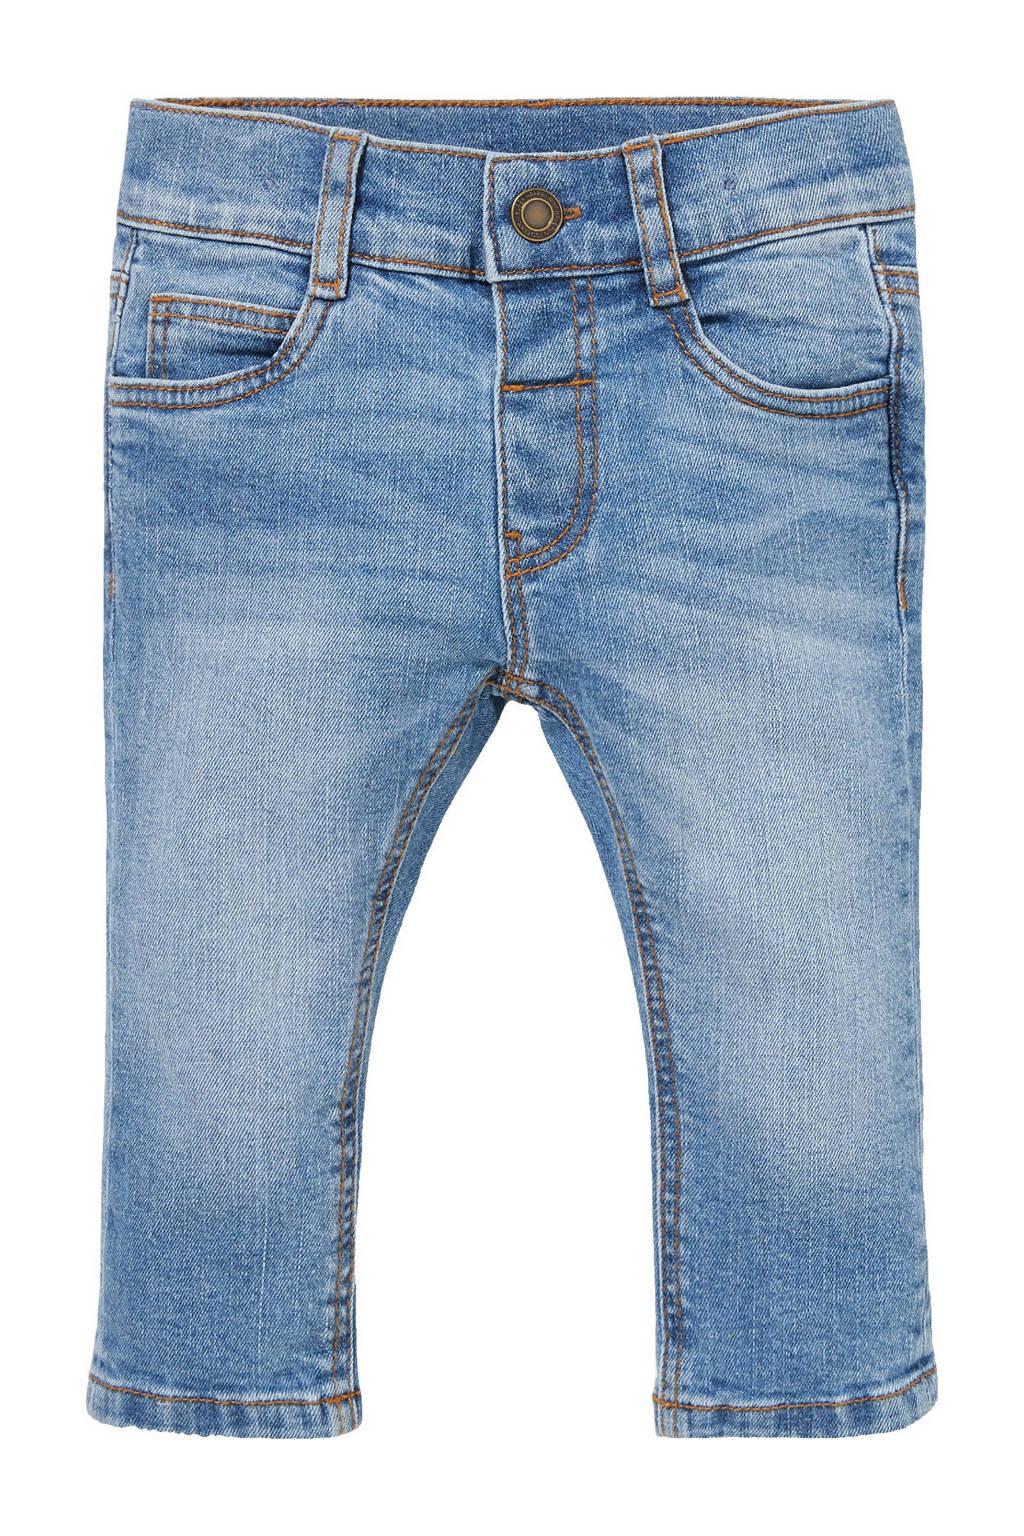 C&A Baby Club slim fit jeans lichtblauw, Lichtblauw